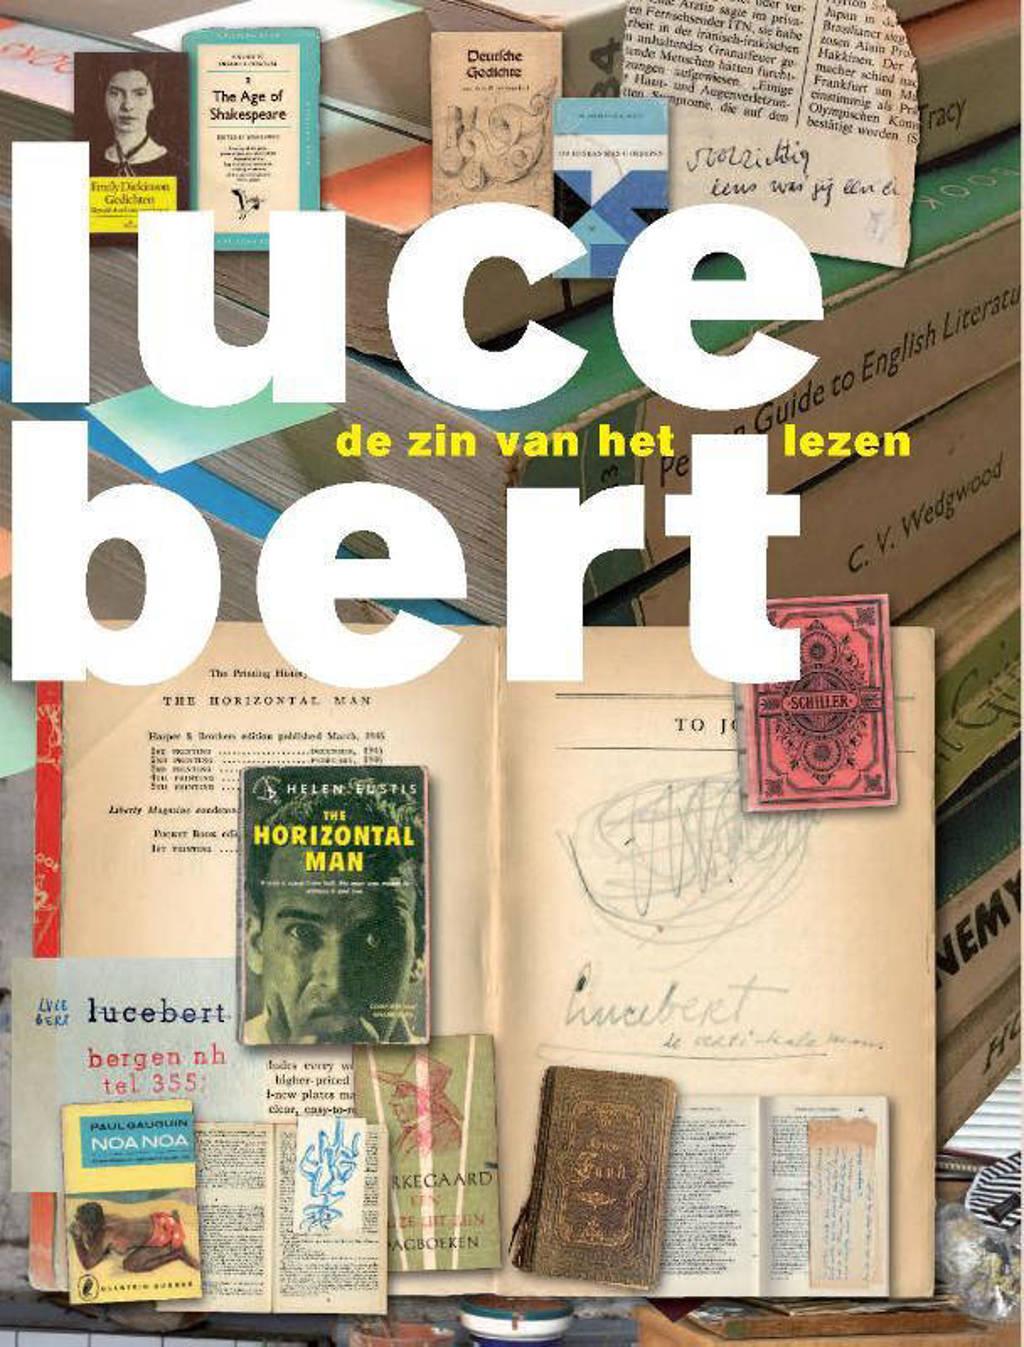 Lucebert - De zin van het lezen - Lisa Kuitert, Ton den Boon en Maia Swaanswijk